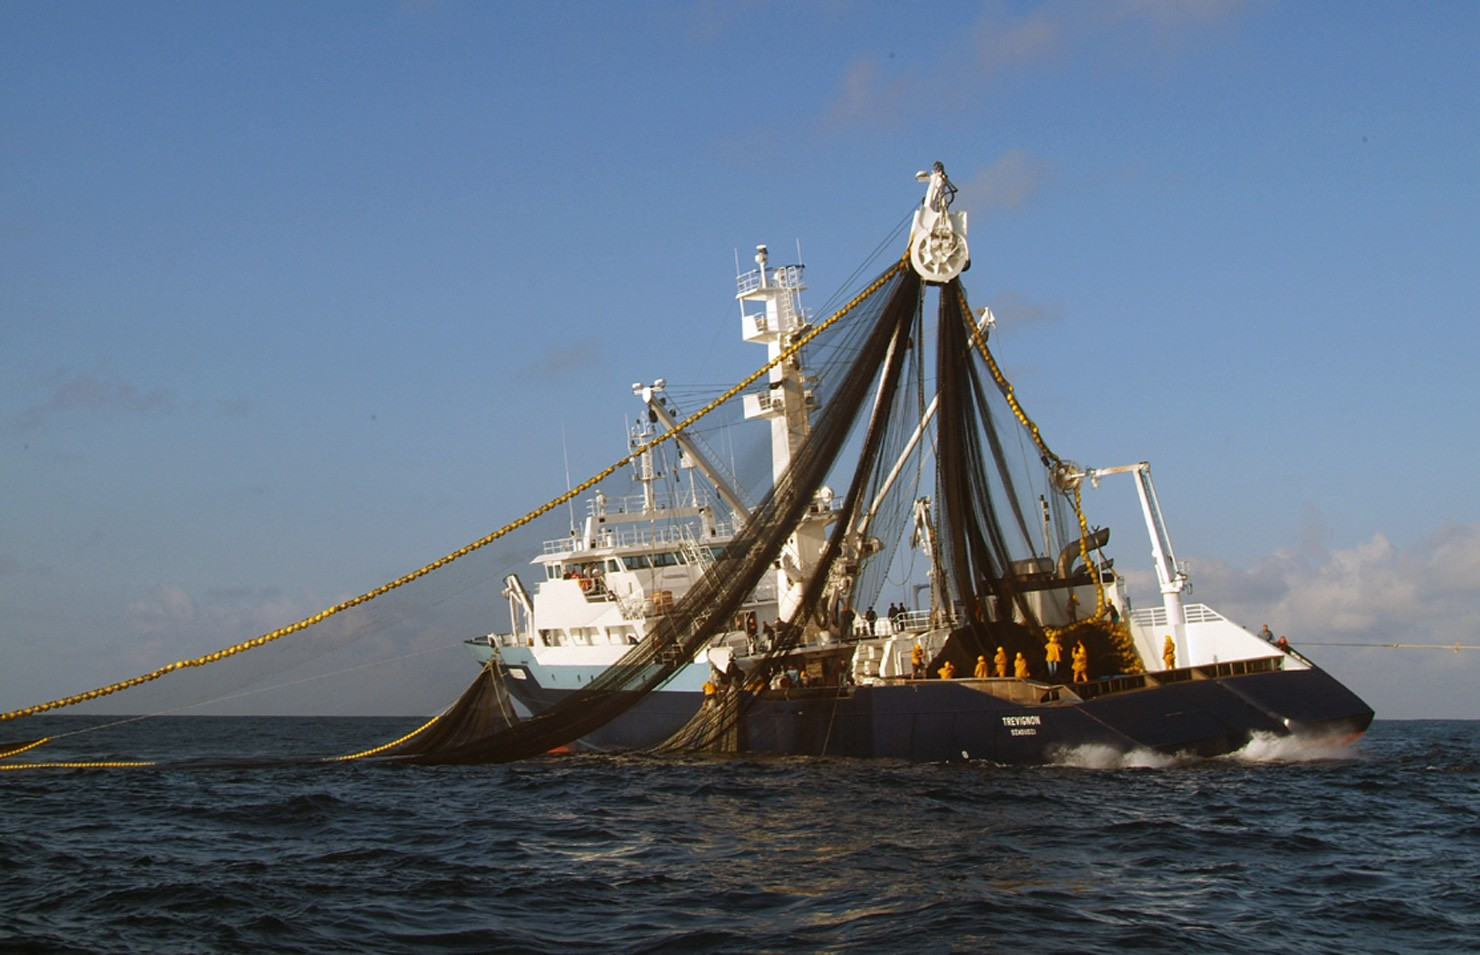 Французский тунцеловный сейнер Trevignon. В 2010 году отбил нападение сомалийских пиратов, протаранив и потопив их лодку. Фото: Marcel Mochet / AFP / East News.